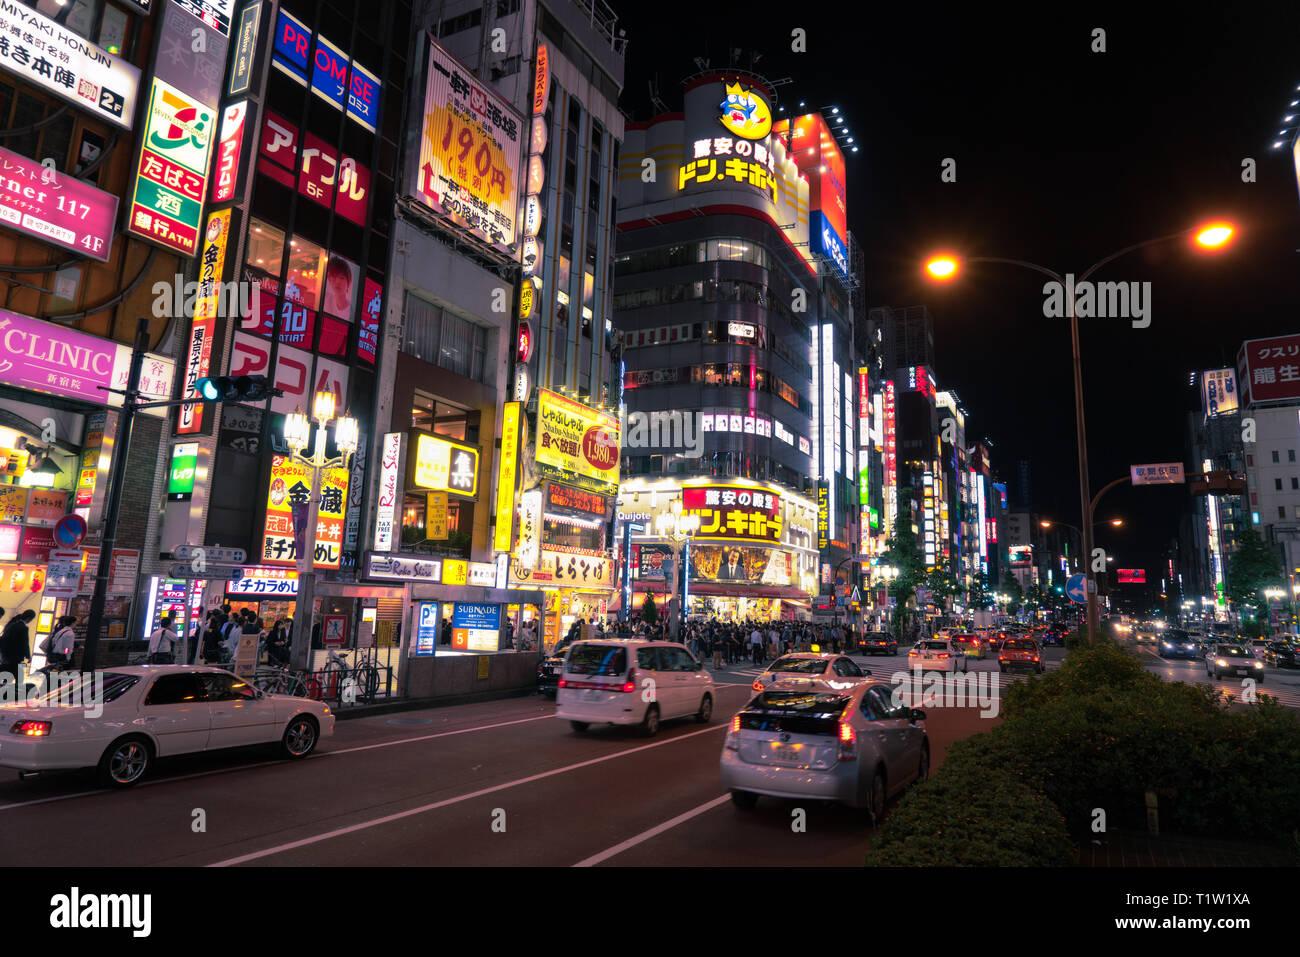 Yasukuni dori street at night in Shinjuku, Tokyo, Japan - Stock Image